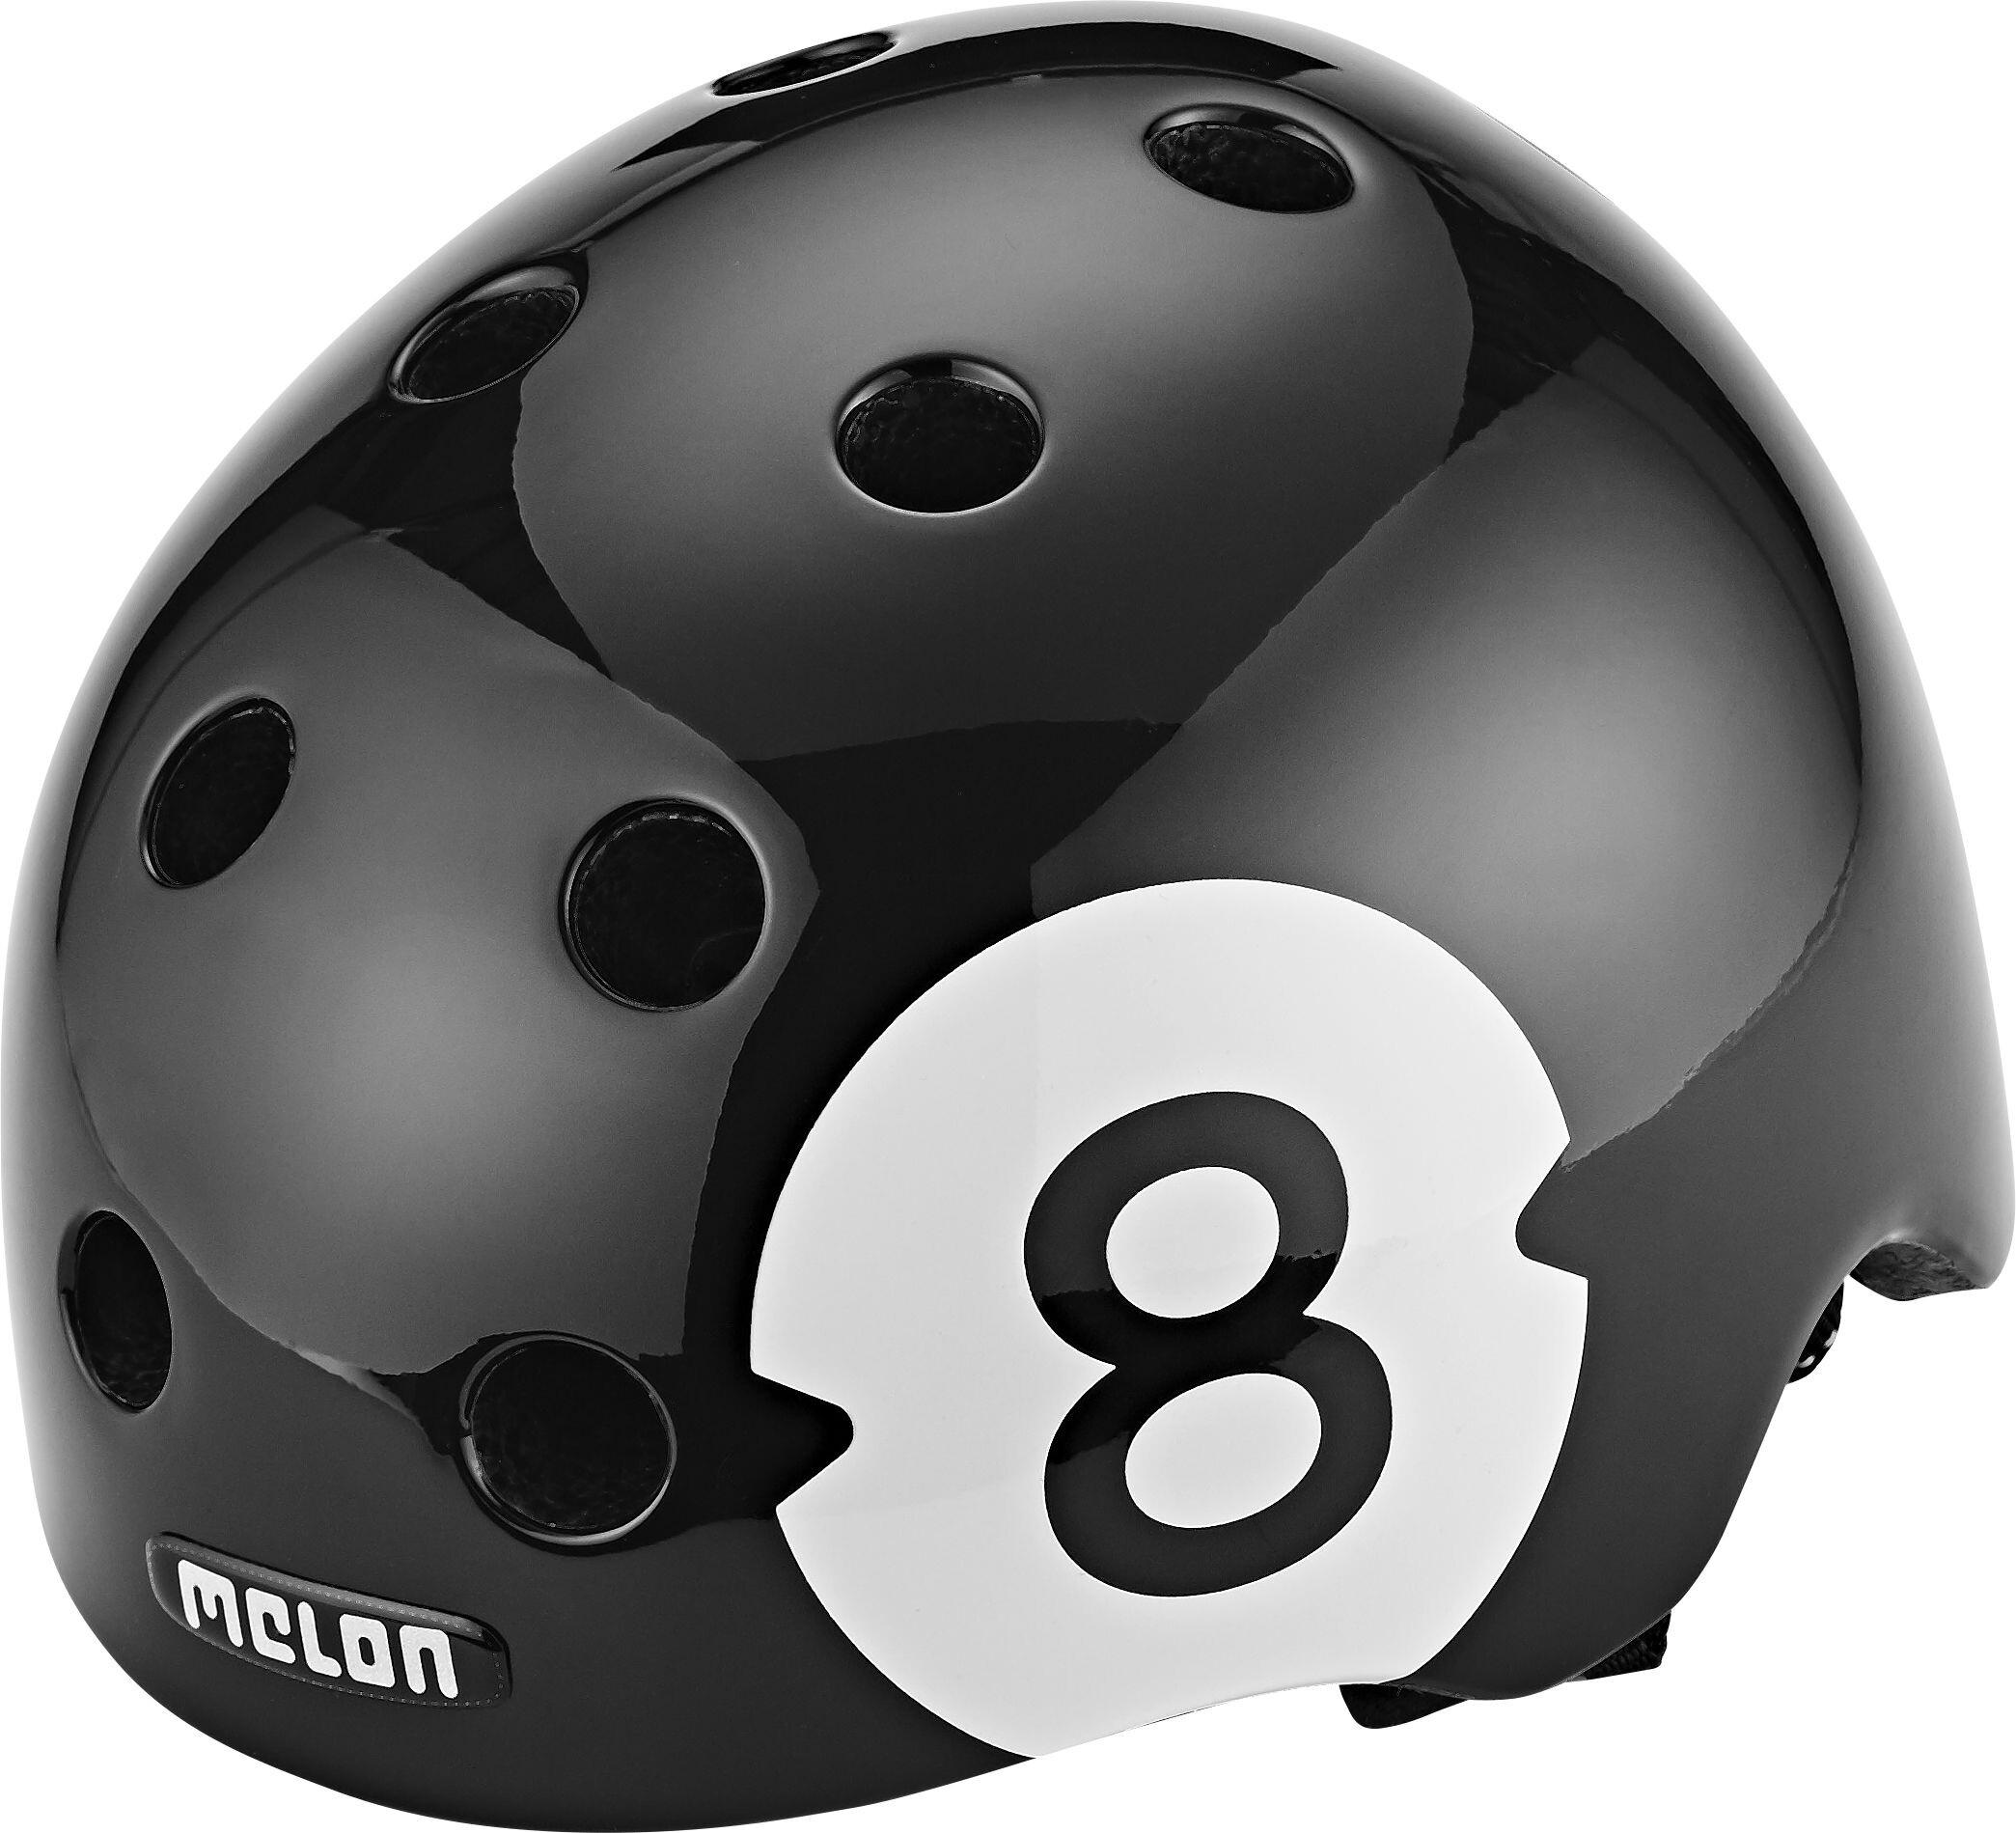 melon urban active story casco per bici 8 ball nero su. Black Bedroom Furniture Sets. Home Design Ideas